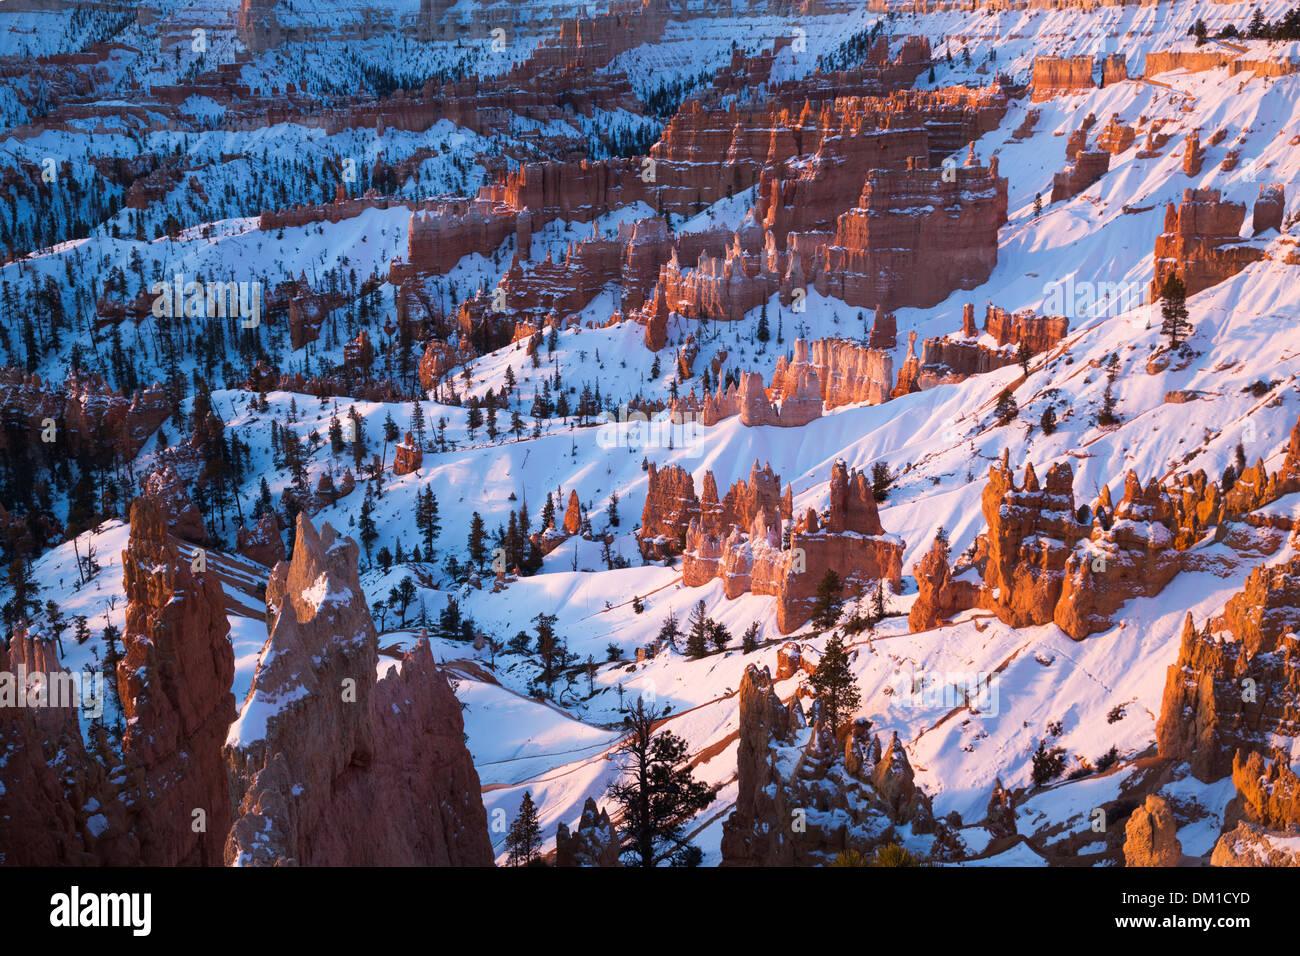 Los hoodoos en invierno, Bryce Canyon, Utah, EE.UU. Imagen De Stock